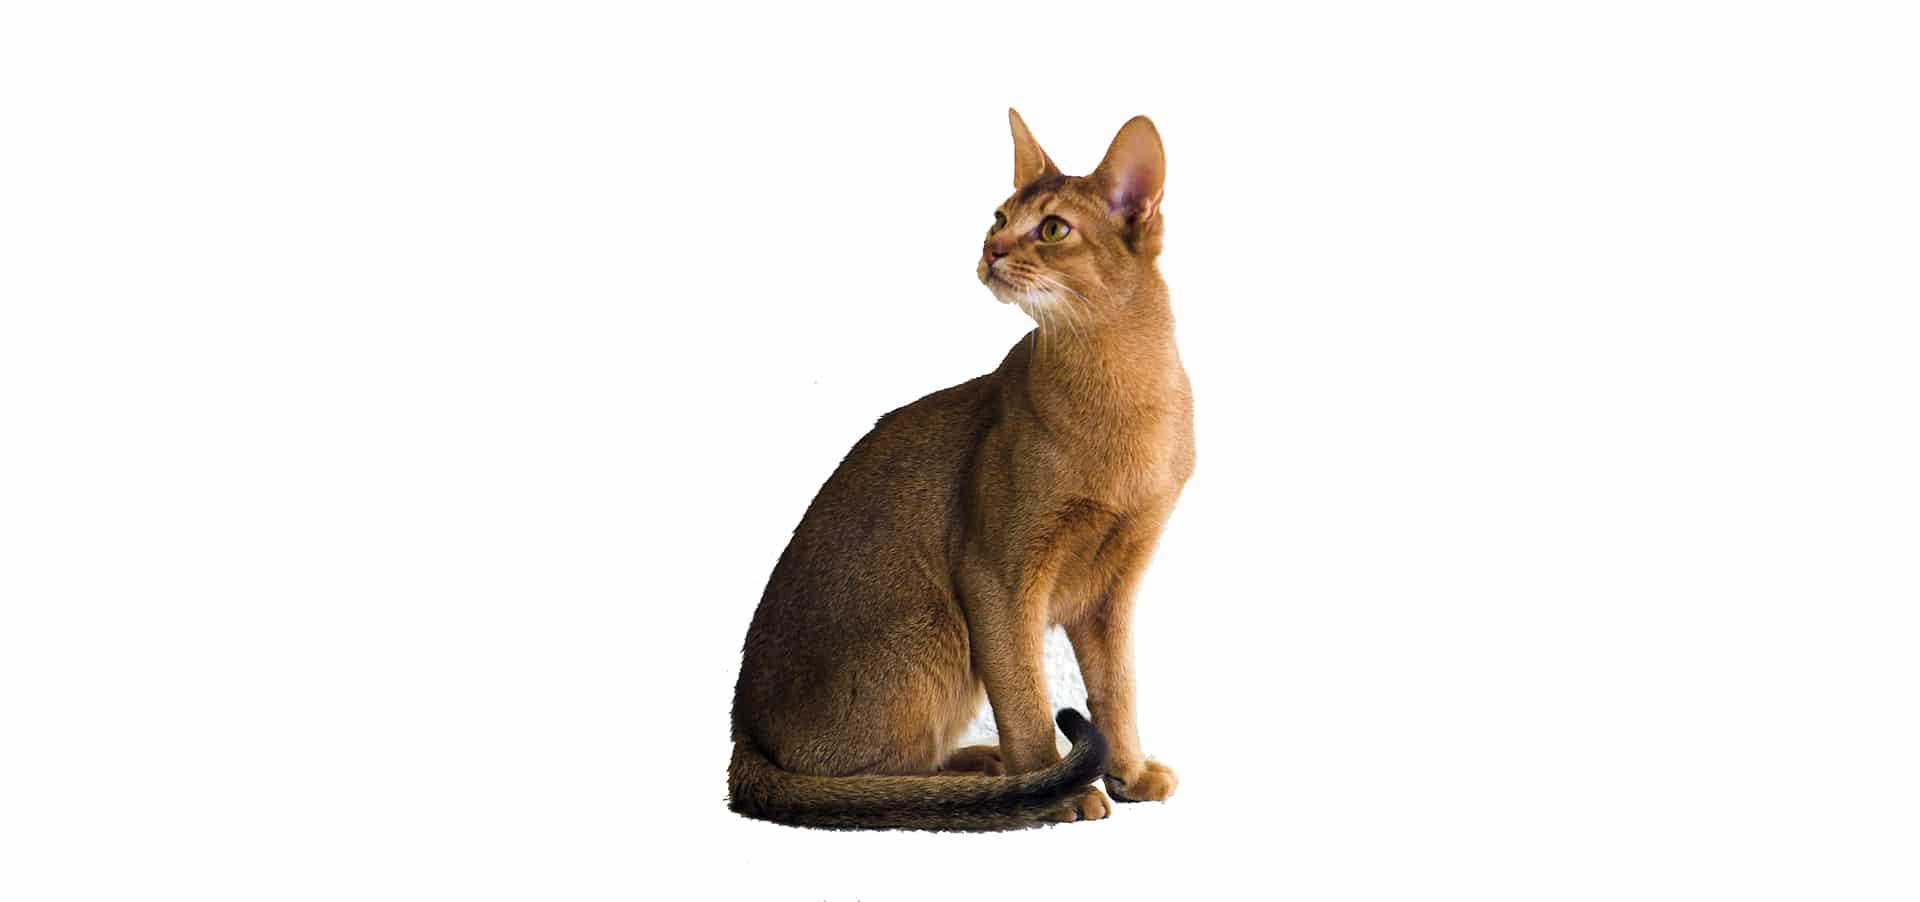 http://petinsuranceu.com/wp-content/uploads/2015/11/Abyssinian-Cat-Insurance.jpg